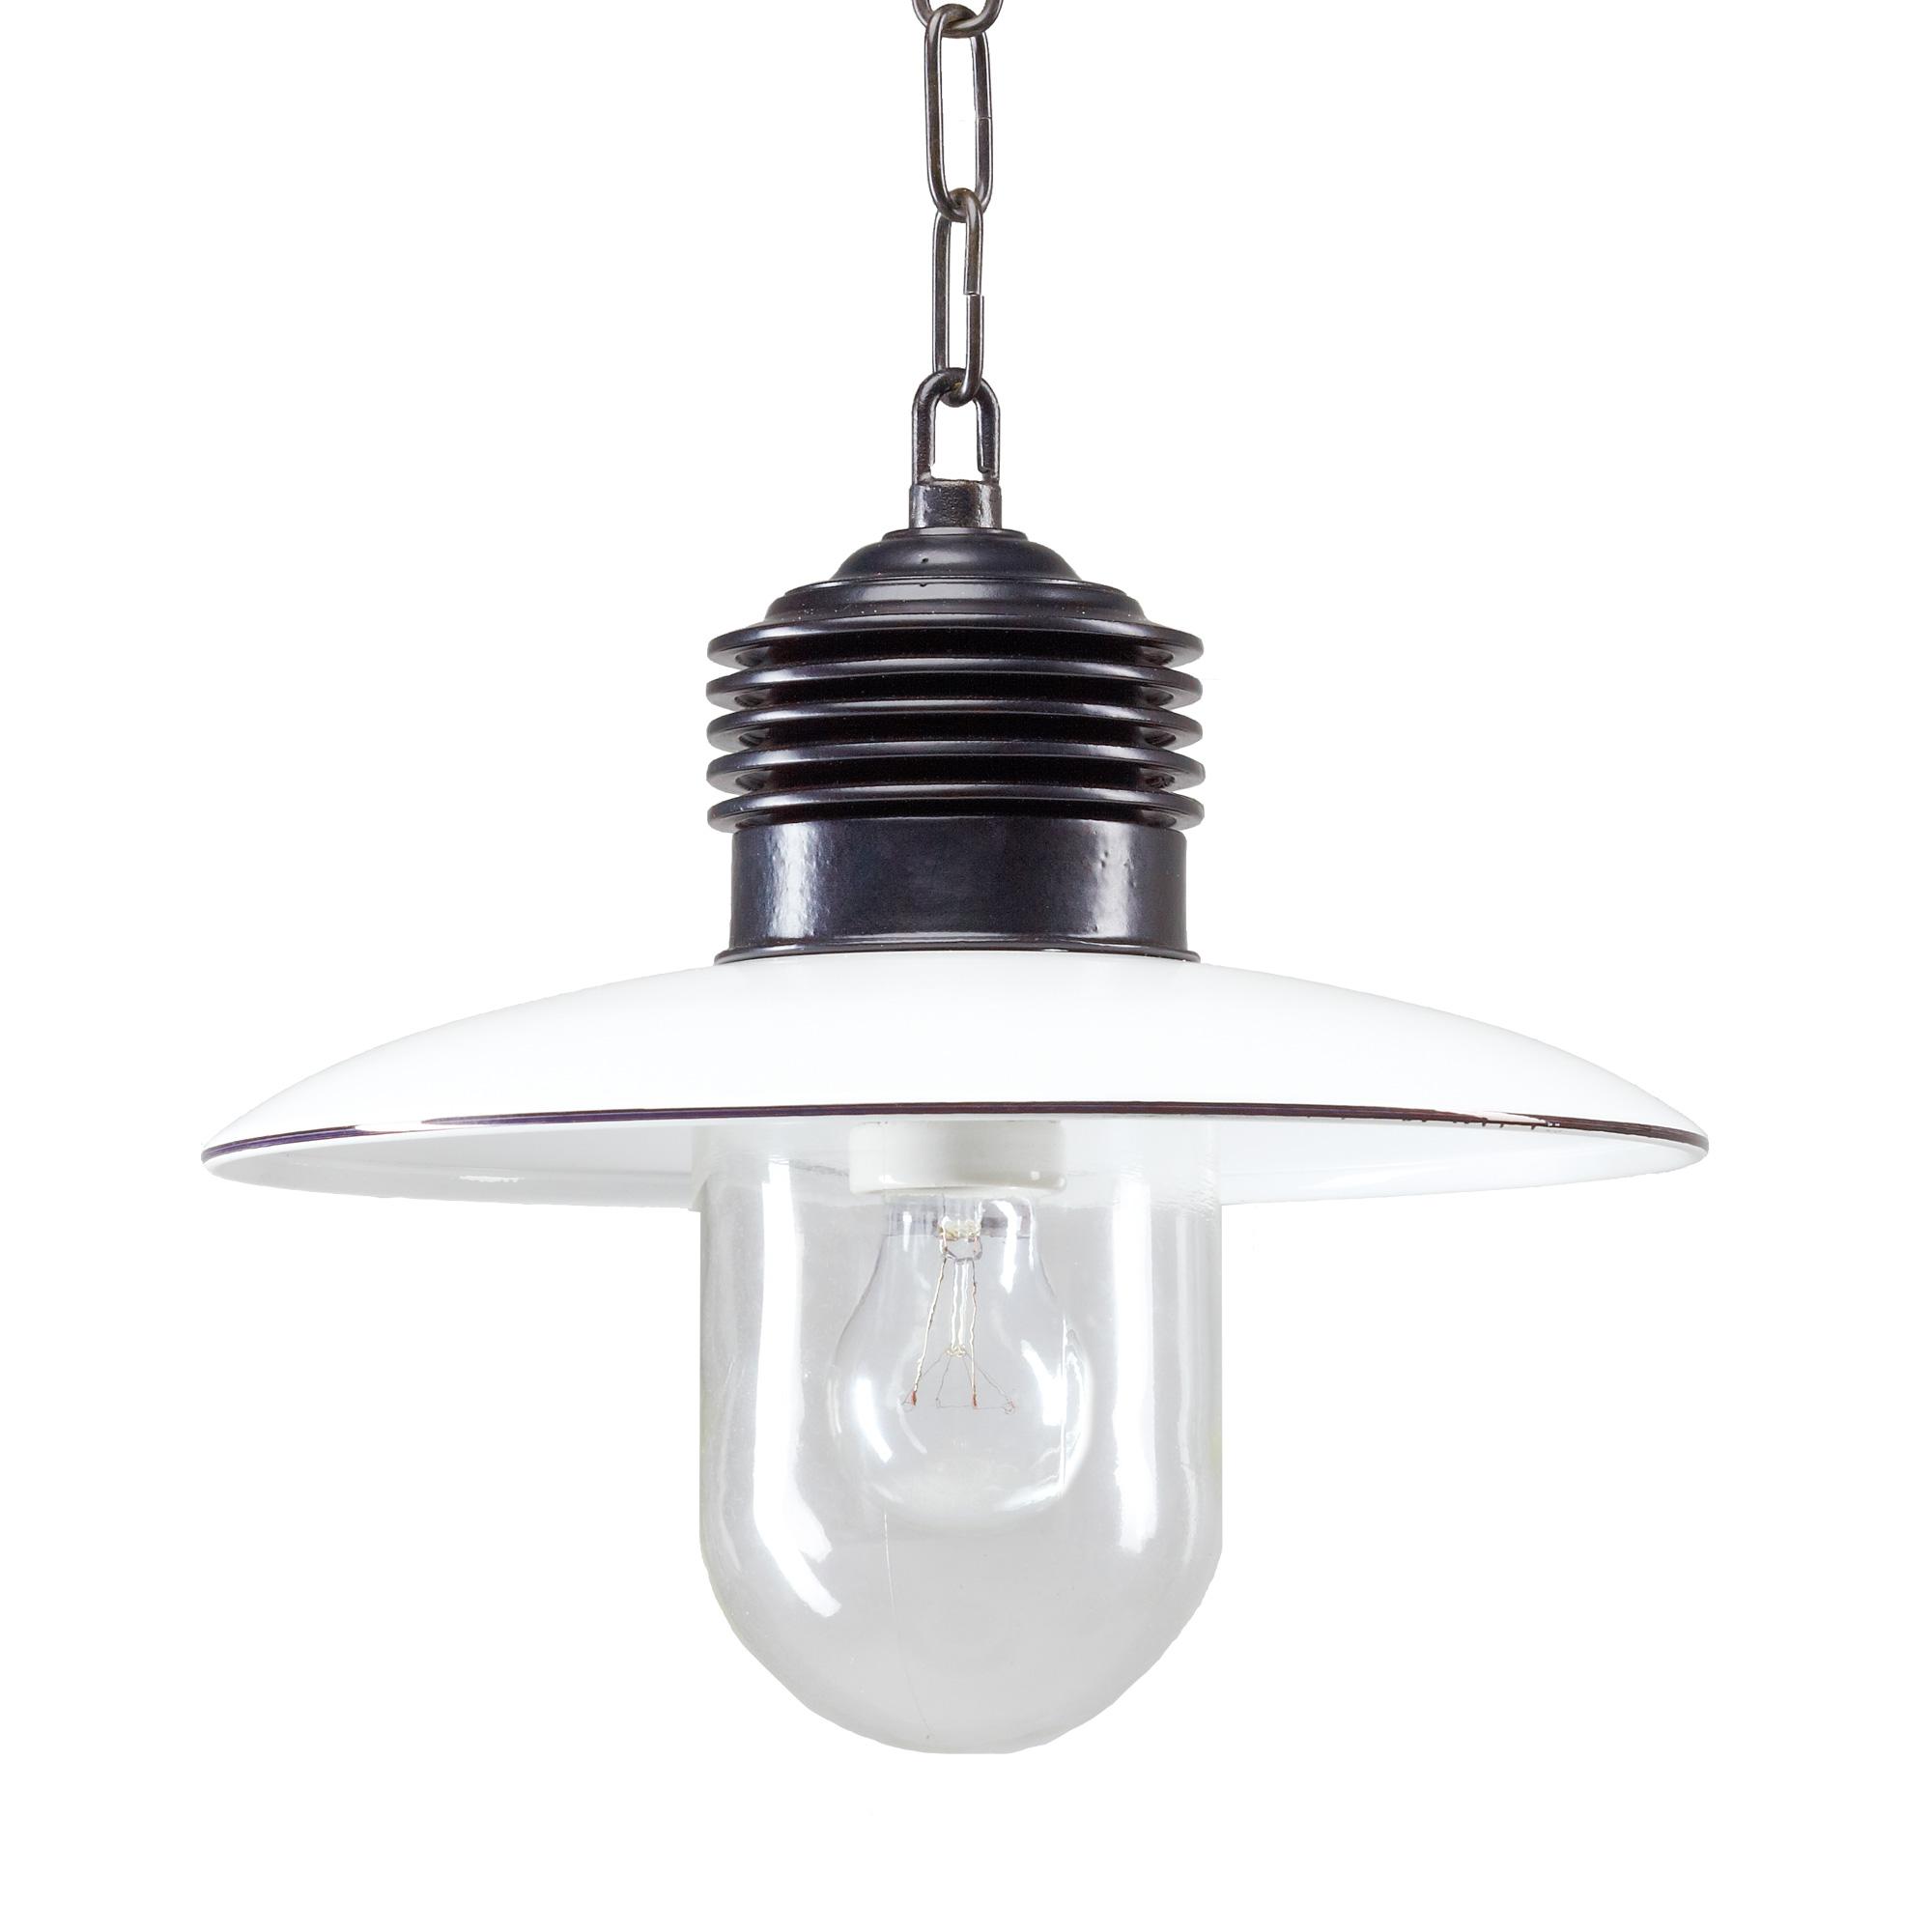 Hanglamp Ampere ketting Zwart Wit